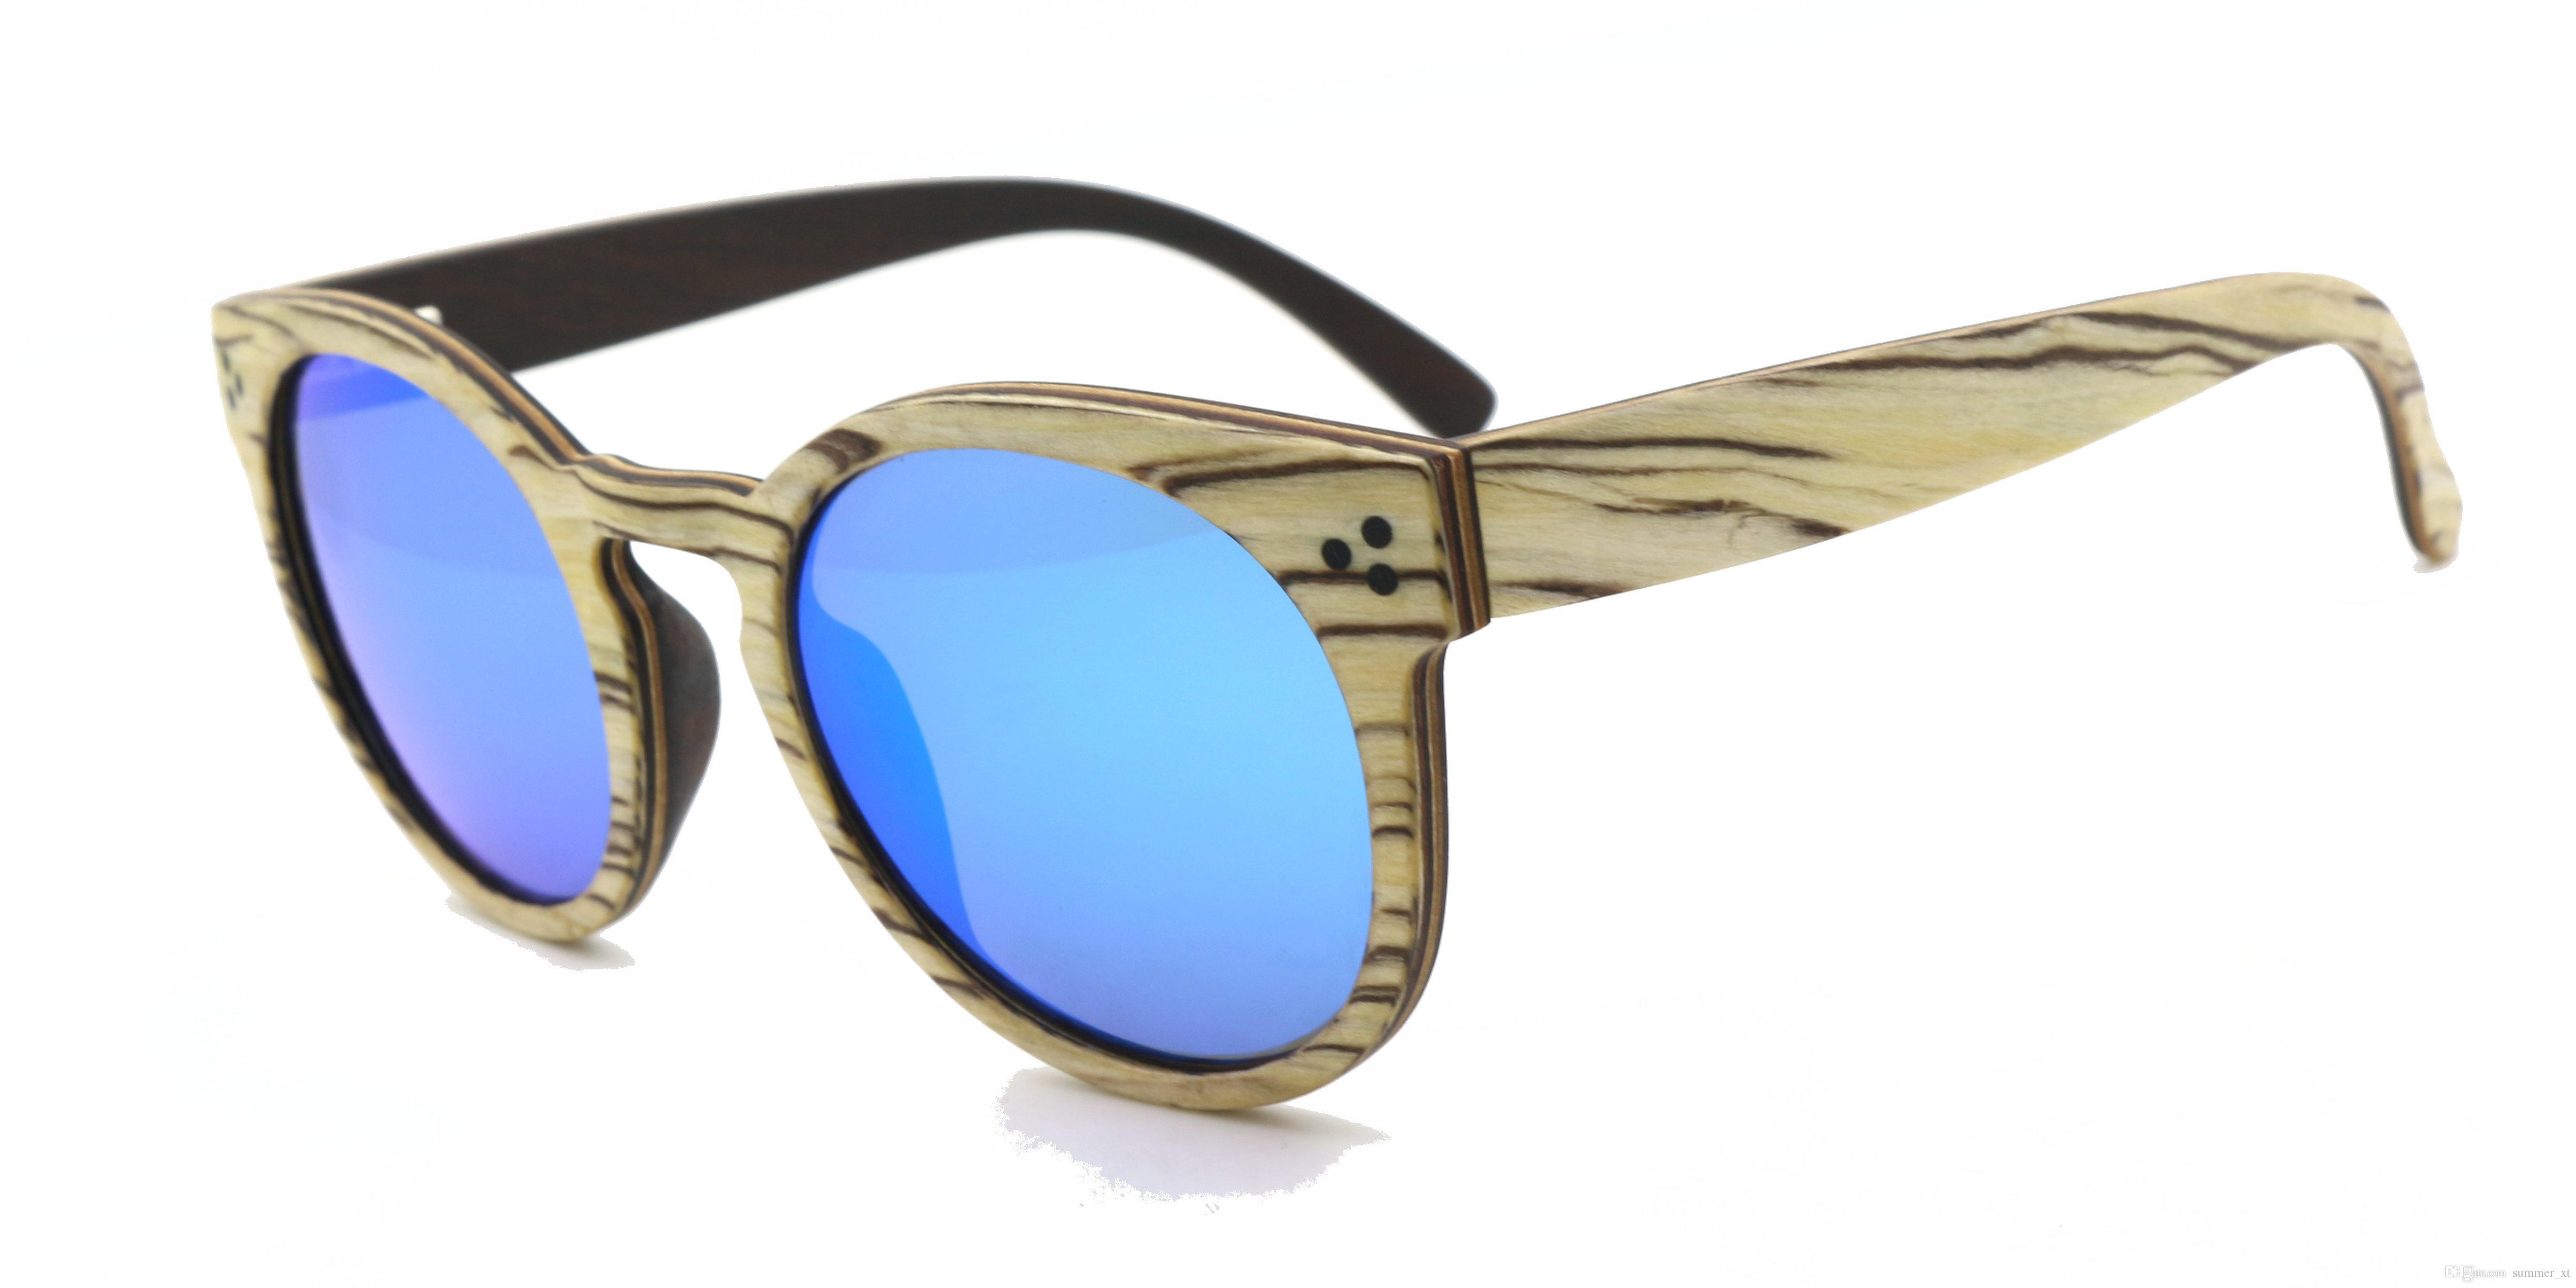 a56bff36c Compre Óculos De Sol Artesanais De Madeira Feitos Com Madeira De Zebra E  Marcas Italianas De Óculos De Summer_xt, $19.29 | Pt.Dhgate.Com